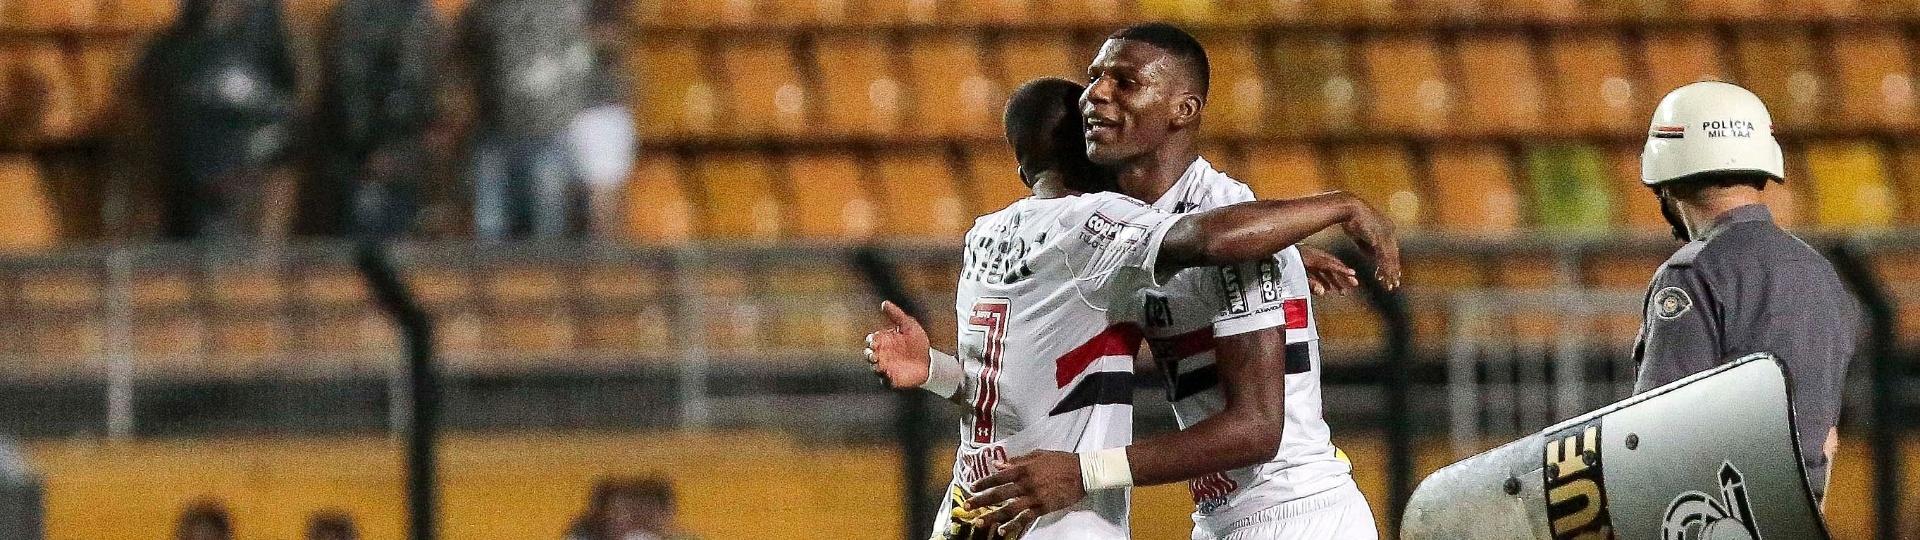 Maicosuel abraça Arboleda após vitória do São Paulo sobre o Atlético-PR